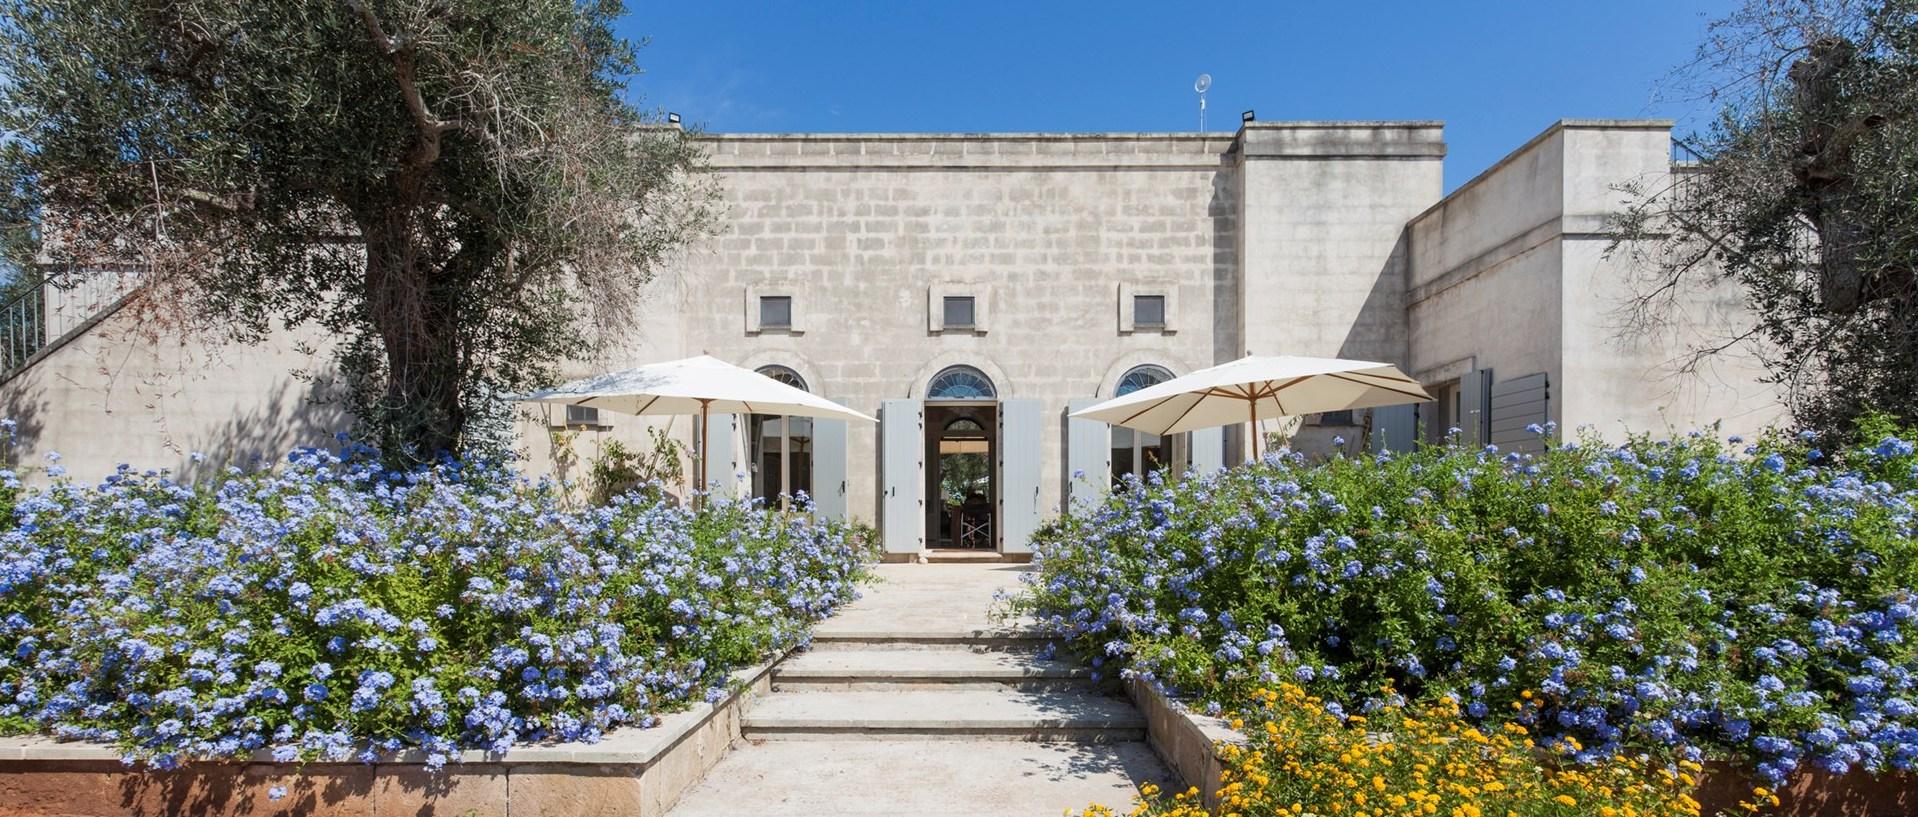 6-bed-luxury-villa-puglia